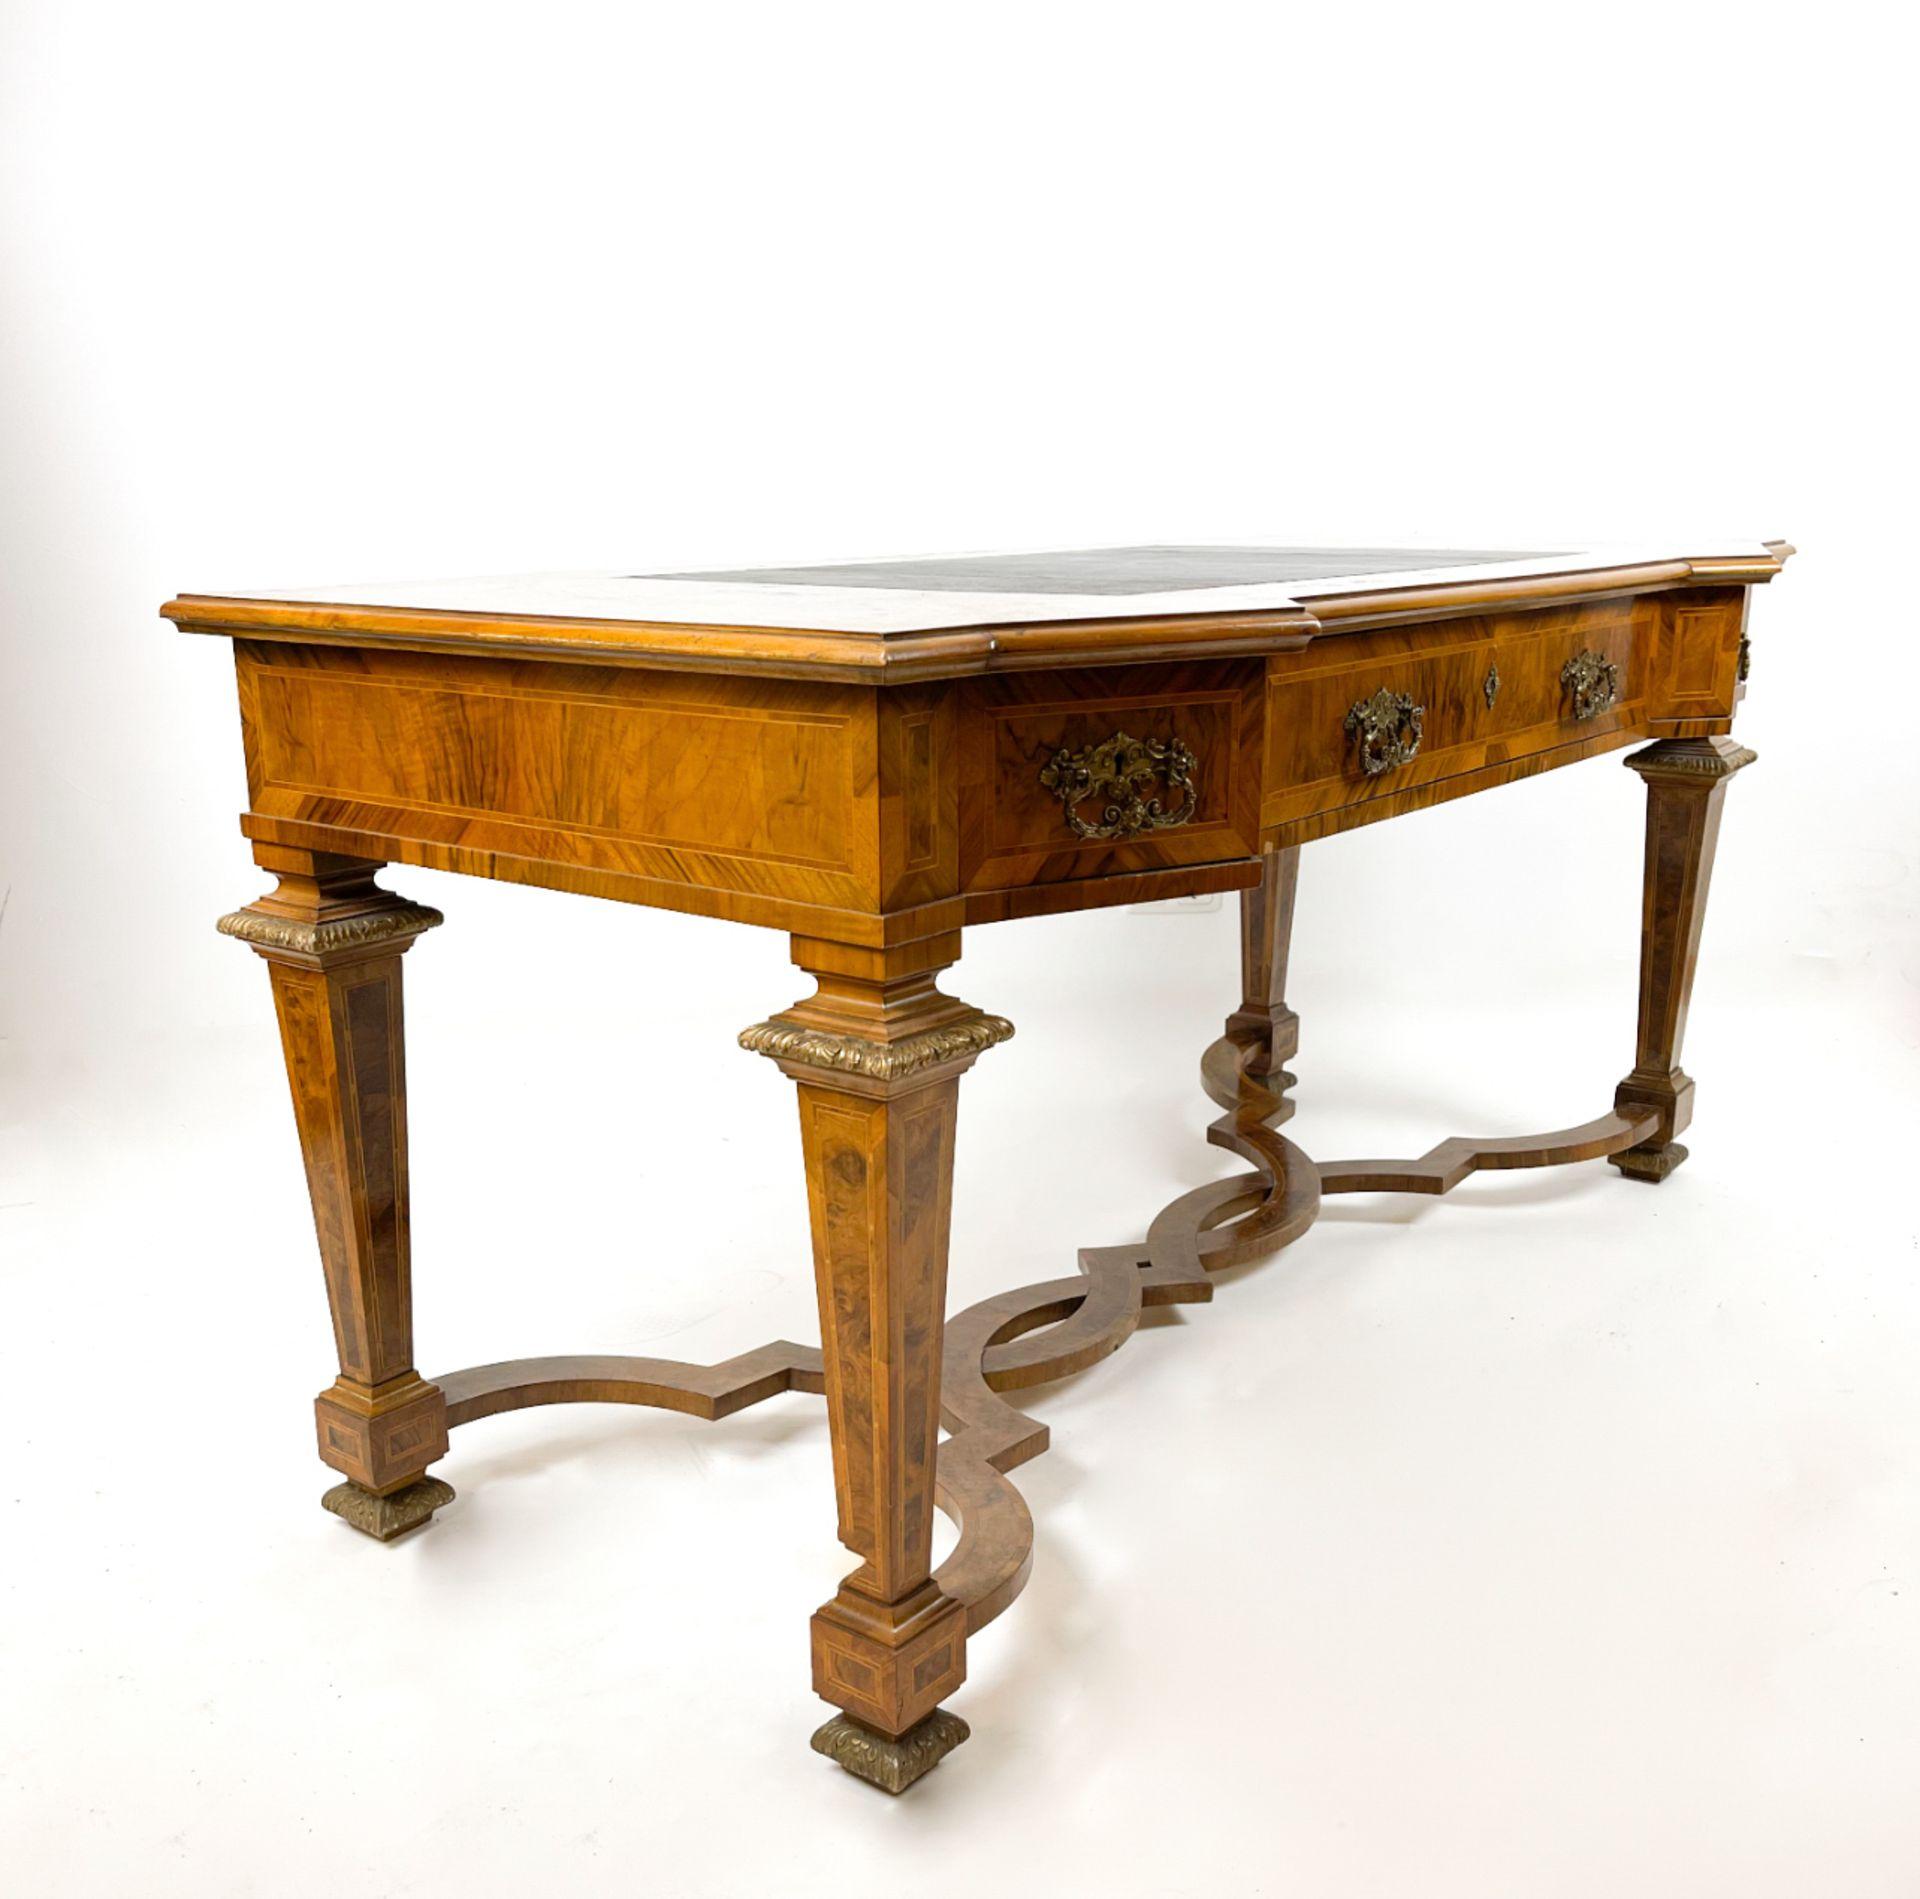 Prunkvoller intarsierter barocker Schreibtisch